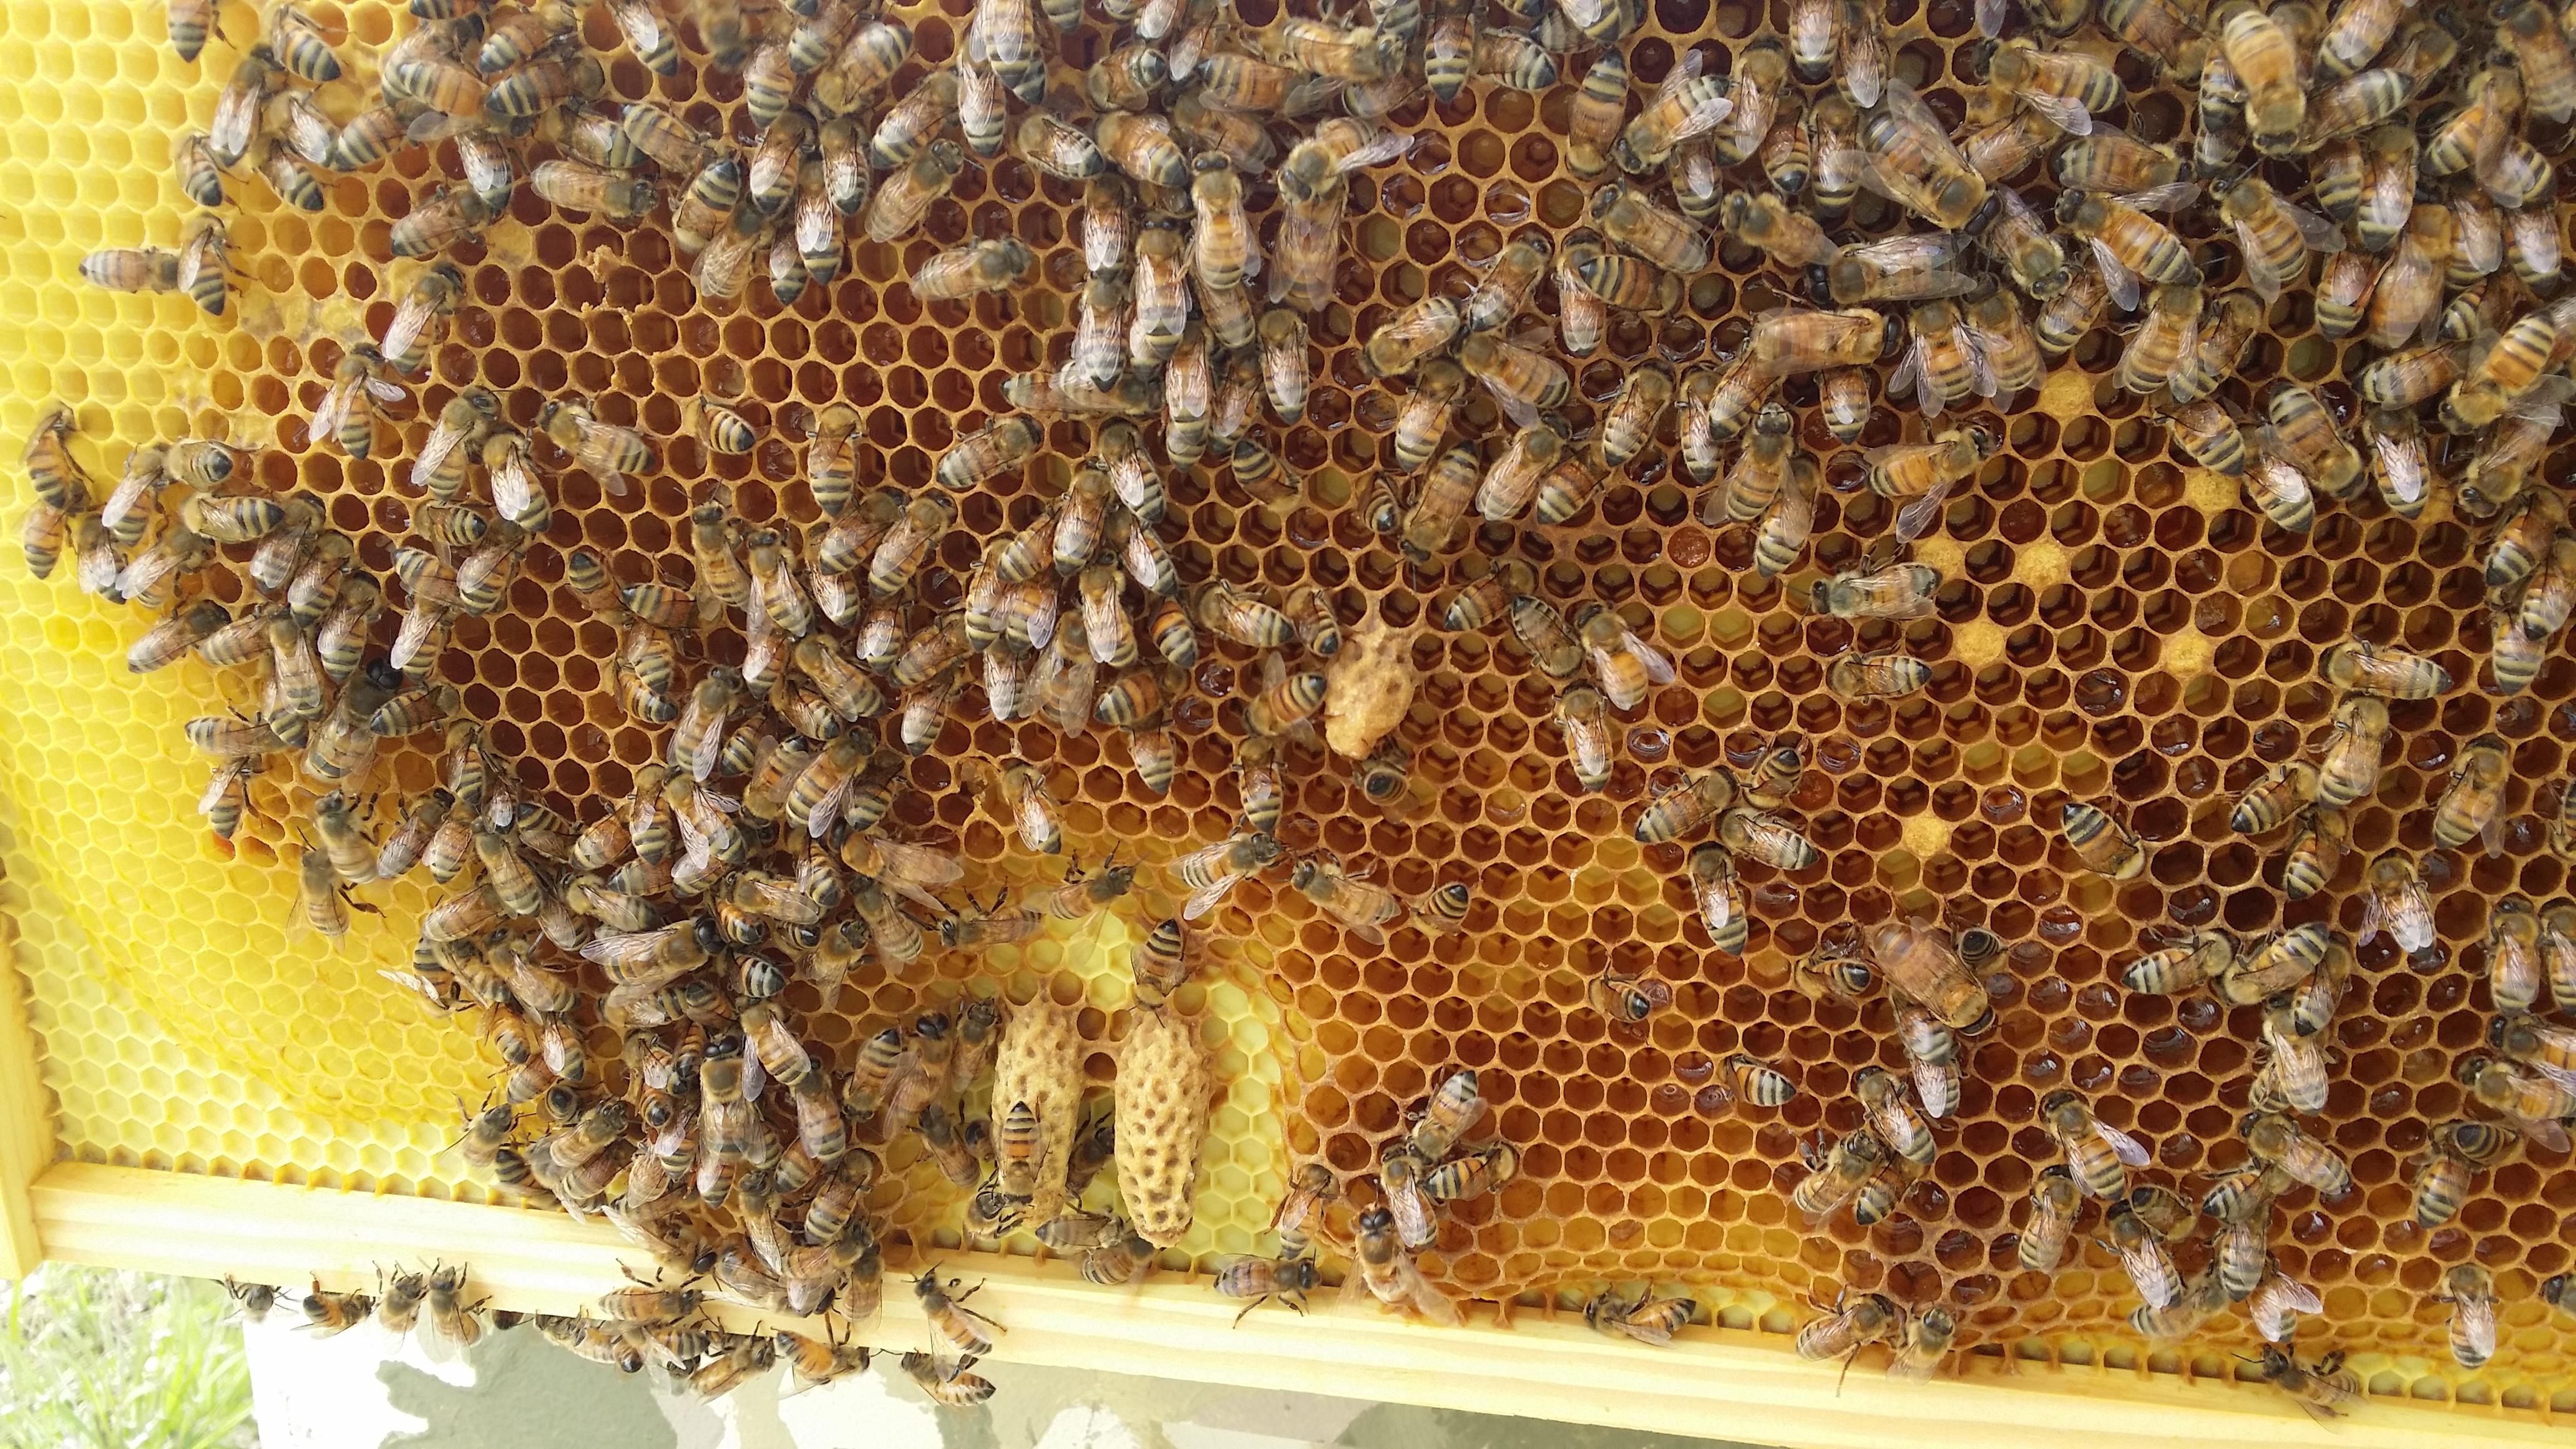 routine beehive maintenance checks award winning local honey from okc